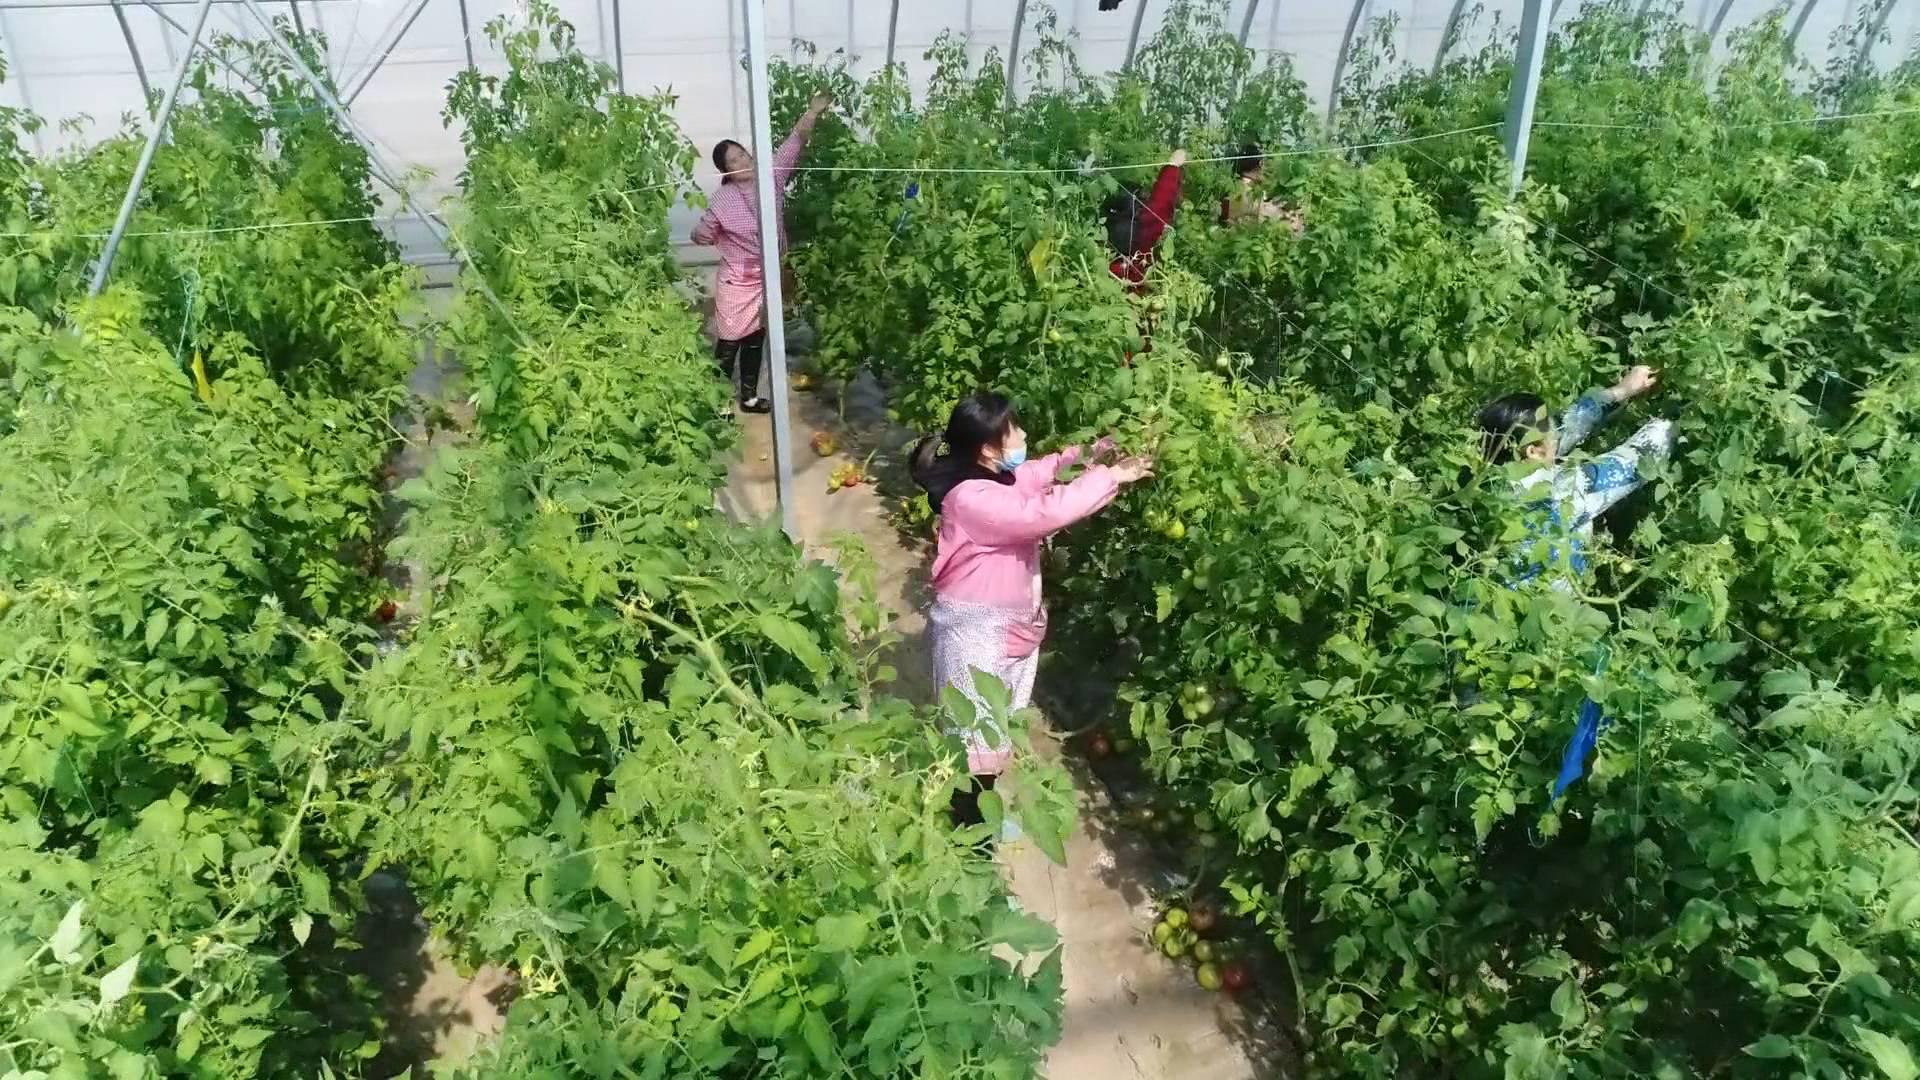 菏泽五里墩实施乡村振兴 村民年人均纯收入超过5万